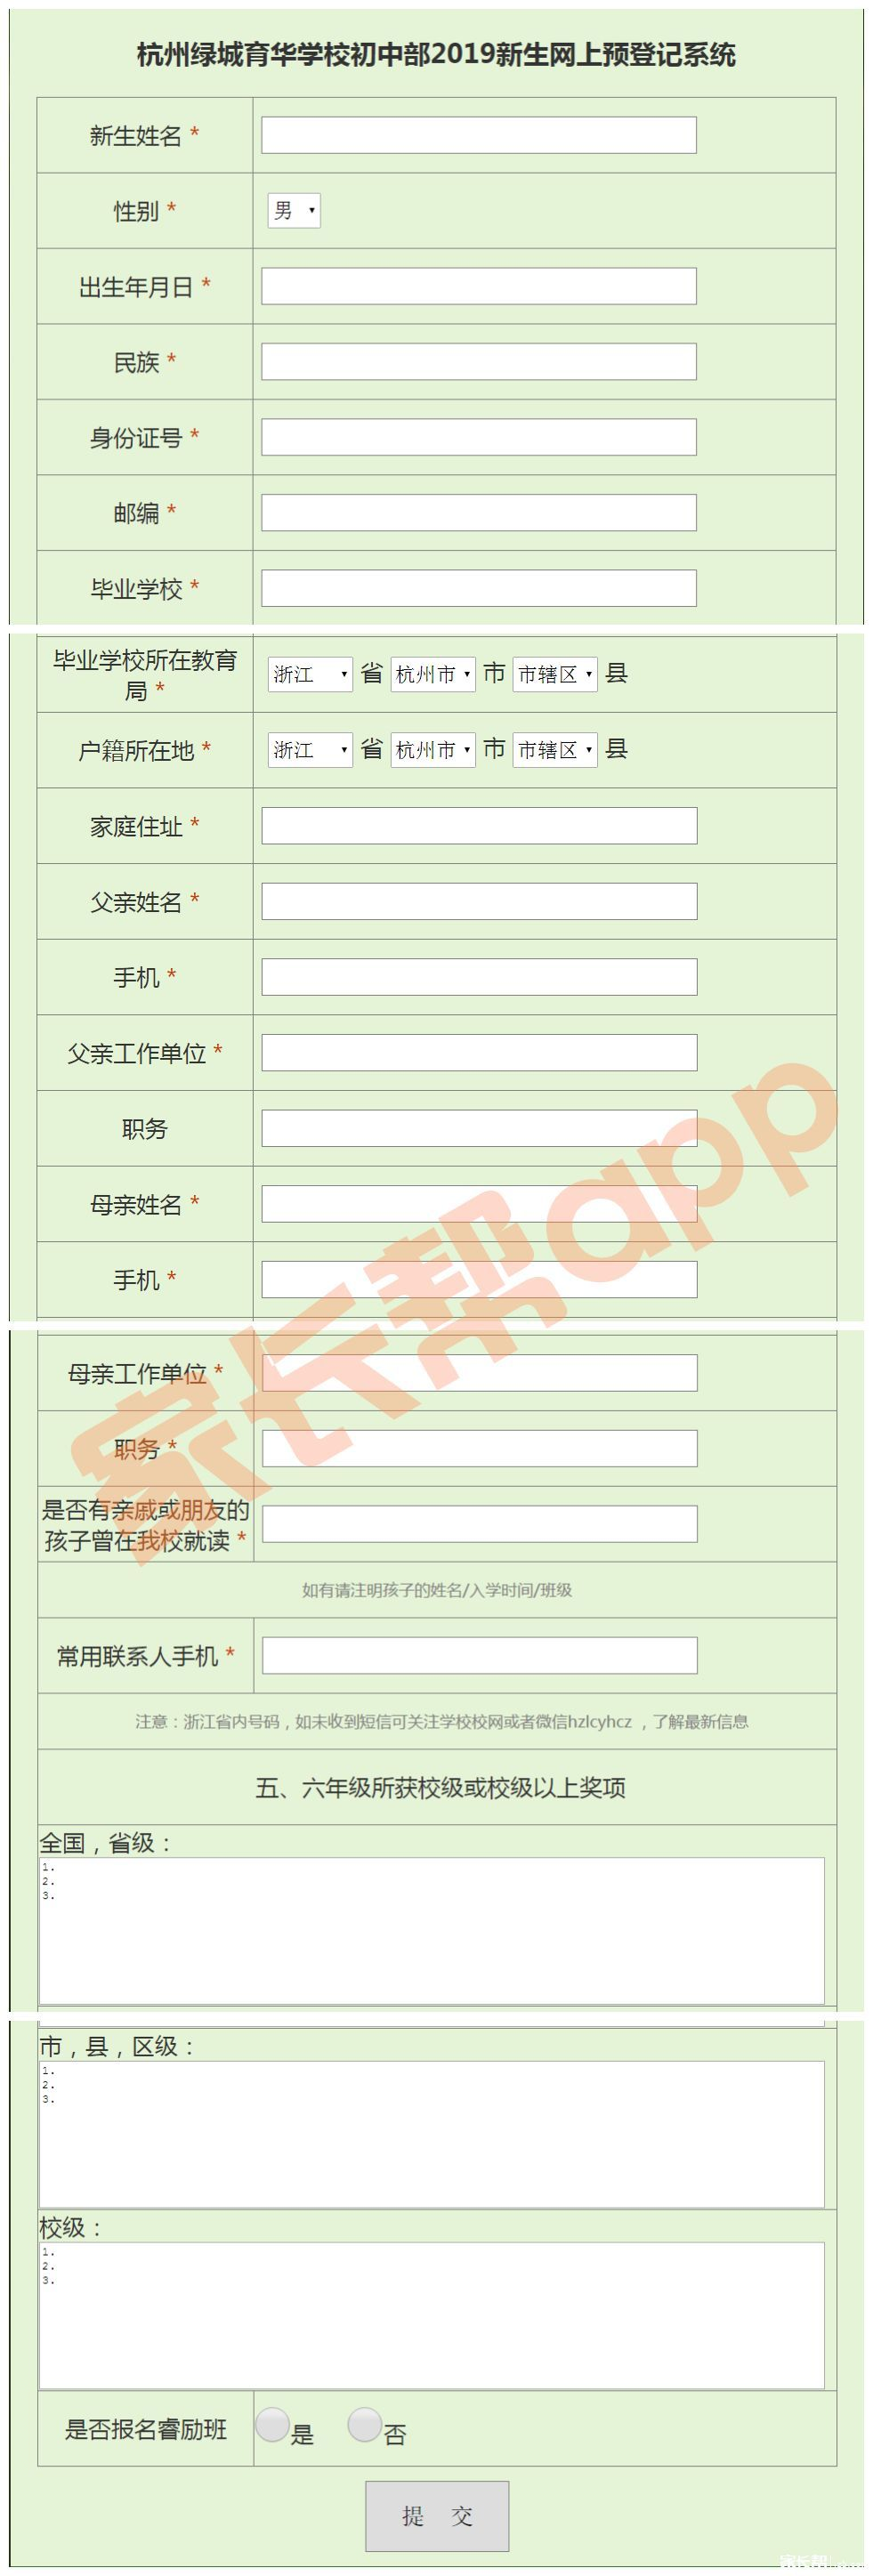 【杭州】v双语云谷!共计16所杭州国际化双语学学生抄报模板手初中图片